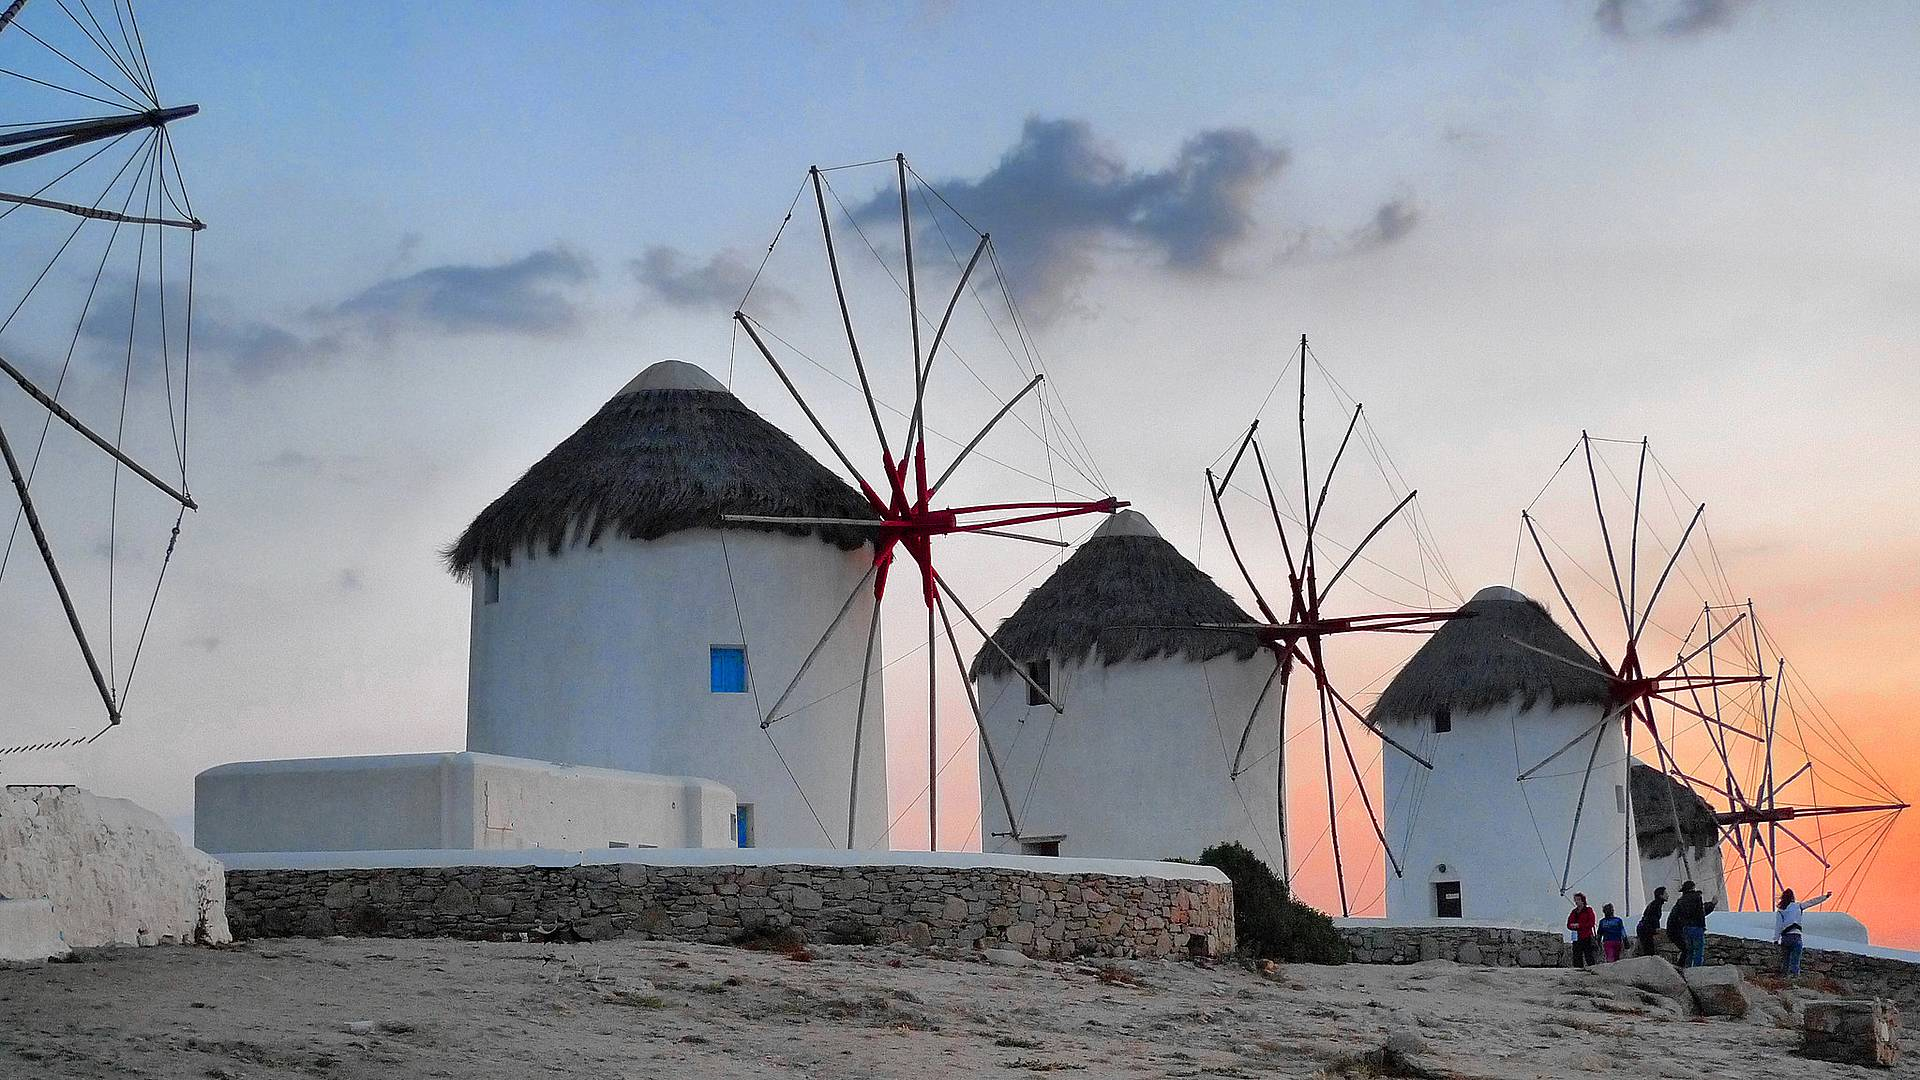 La romantica Santorini, la colta Altene e la vivace Mykonos